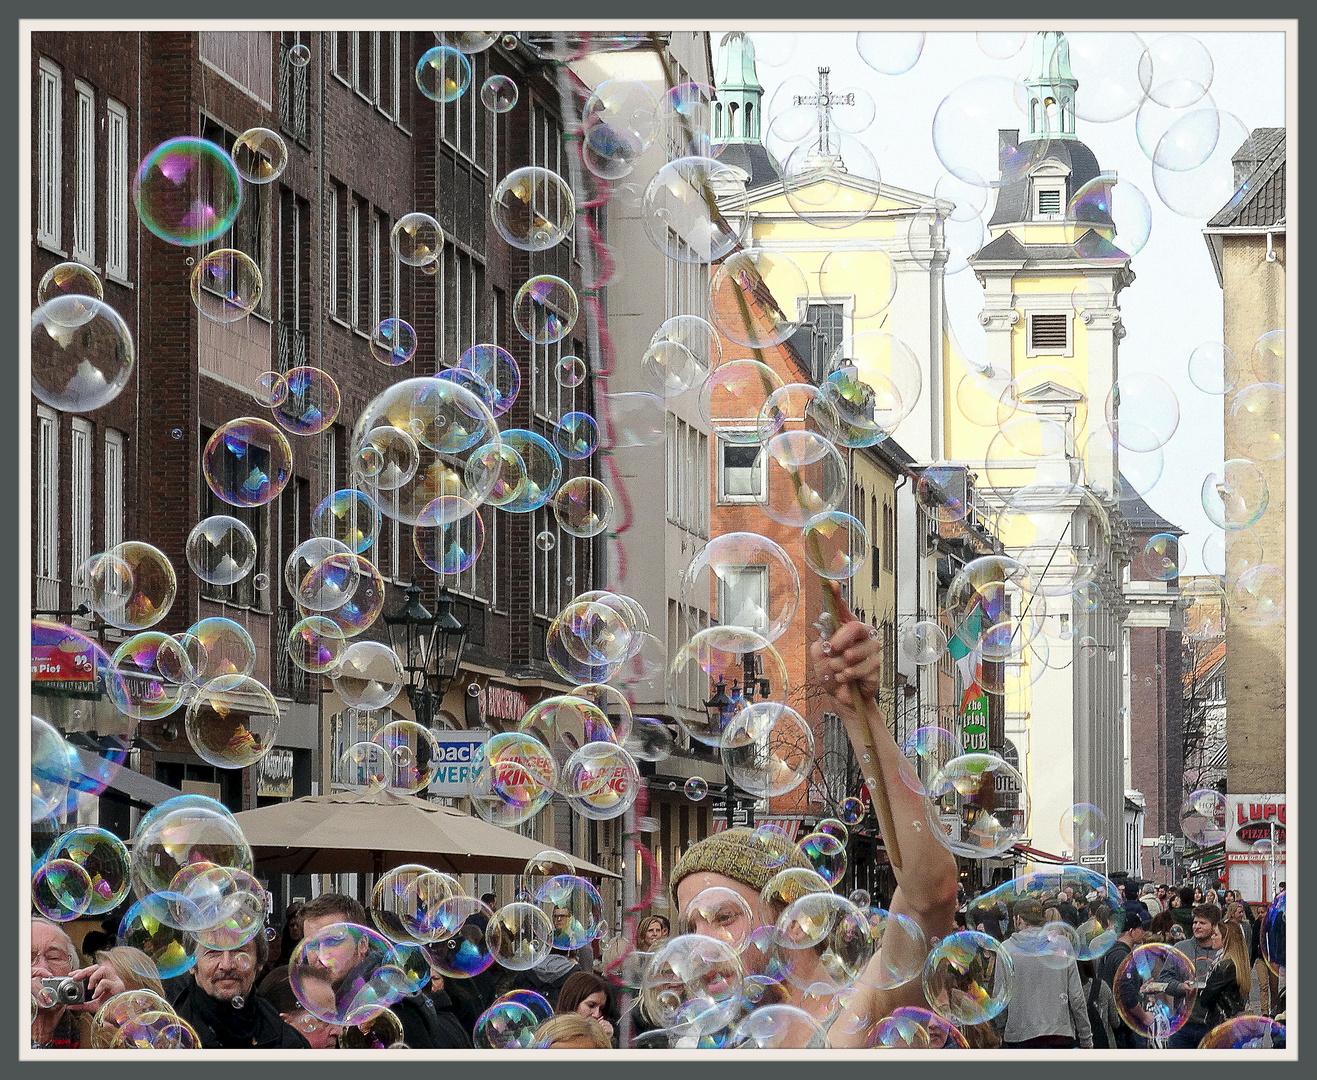 Seifenblasenkünstler in der Düsseldorfer Altstadt